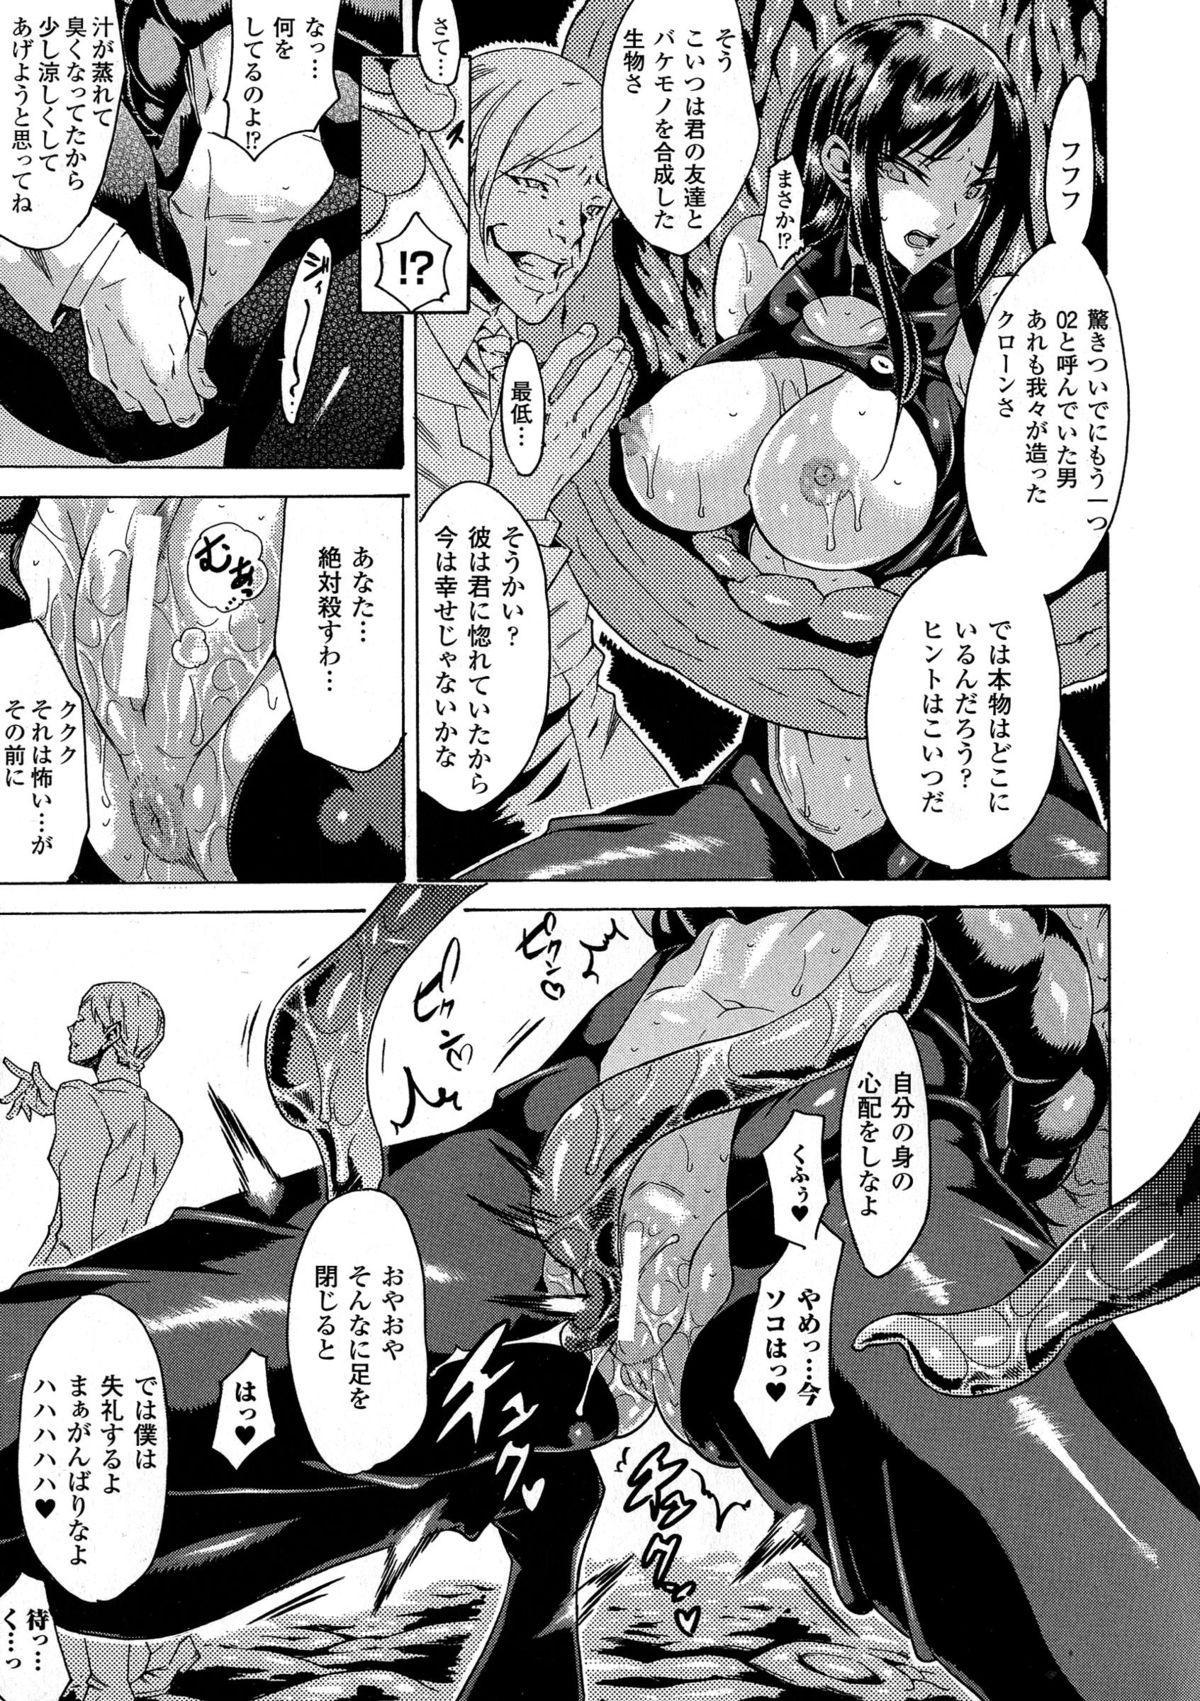 Kachiki na Onna ga Buzama na Ahegao o Sarasu made 14